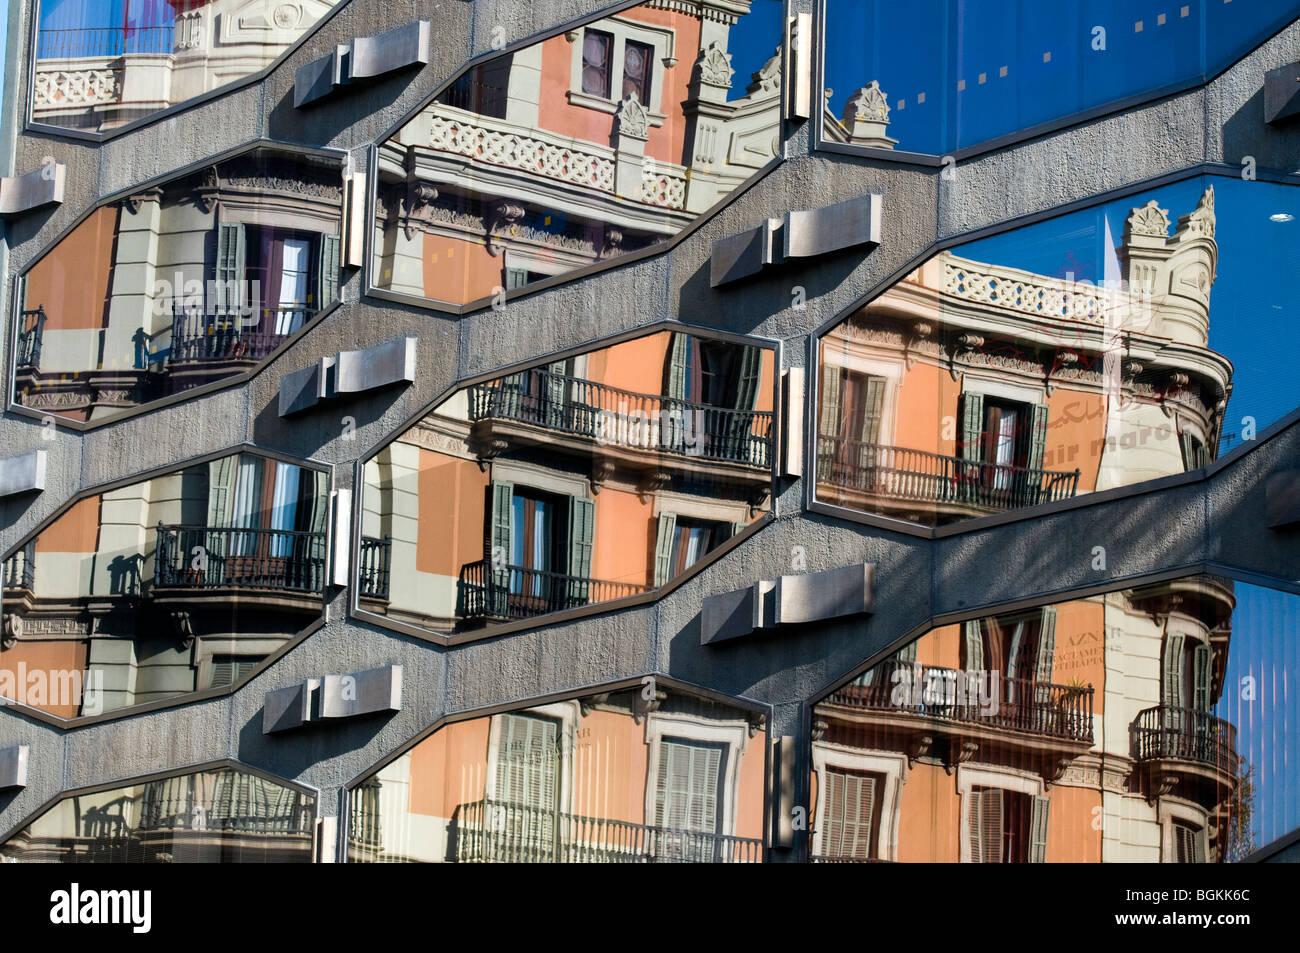 Nuevos y viejos edificios de reflexión en la plaza de Urquinaona, Barcelona, Cataluña, España Foto de stock